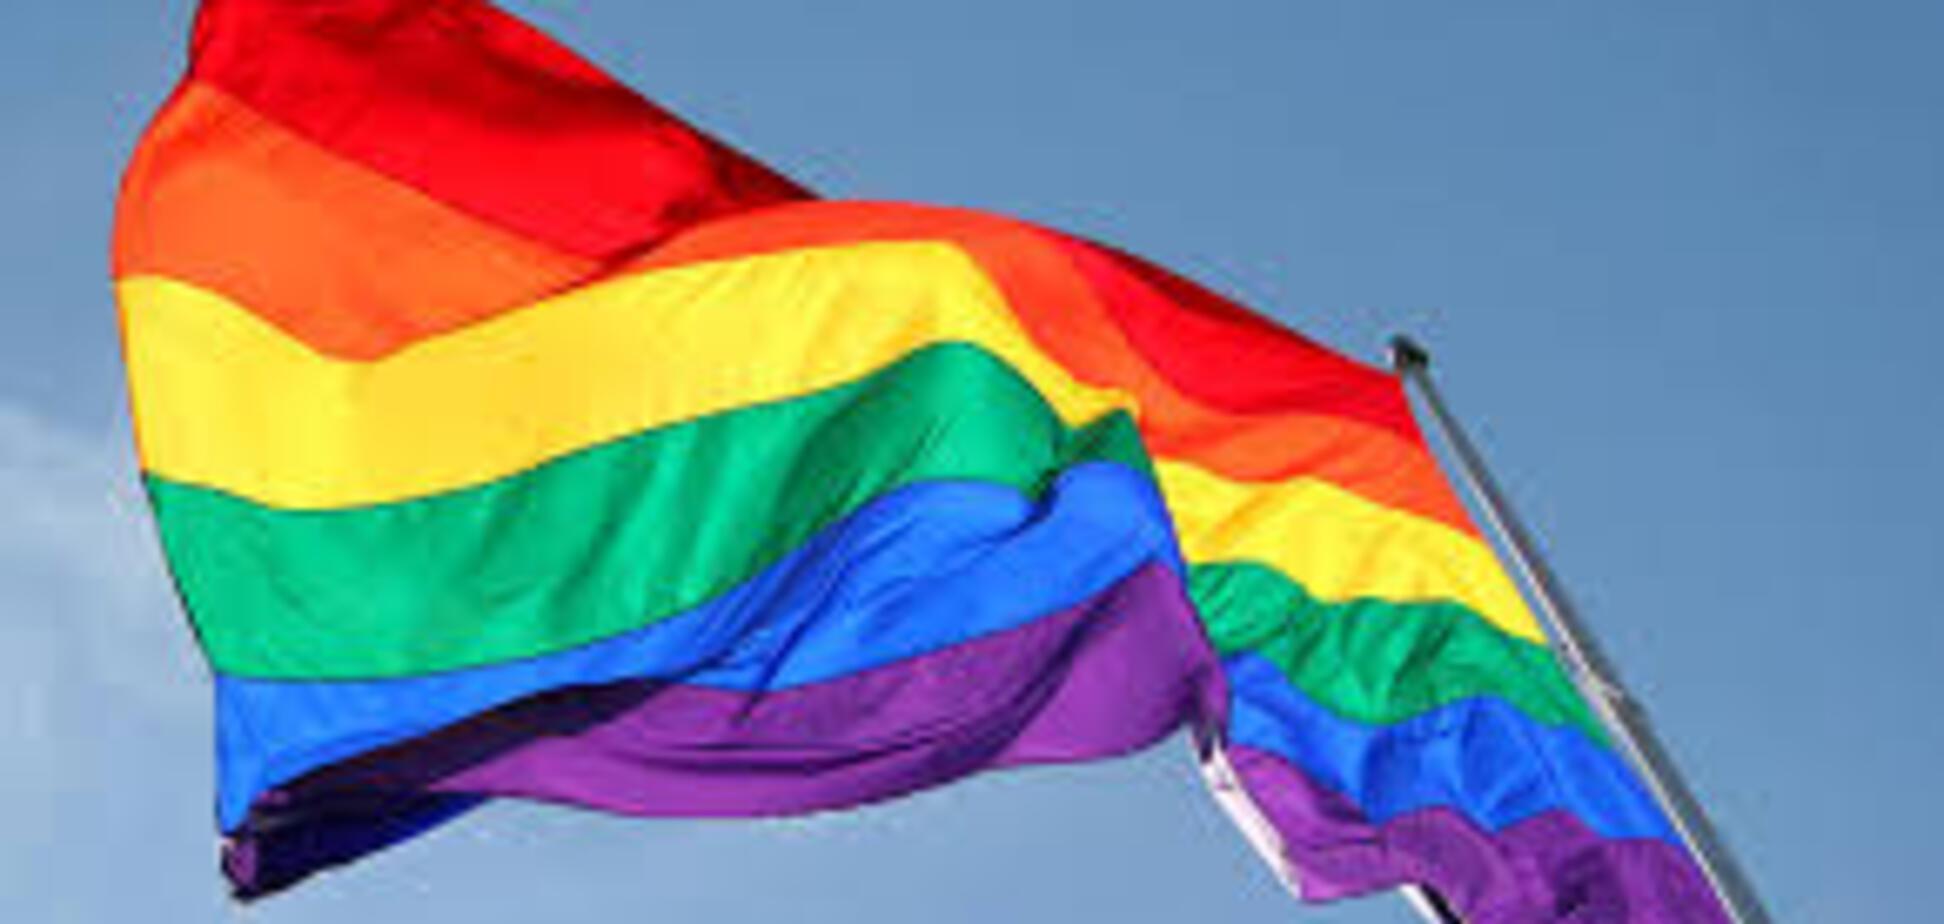 Запорожцы высказали мнение по поводу предстоящего Фестиваля равенства